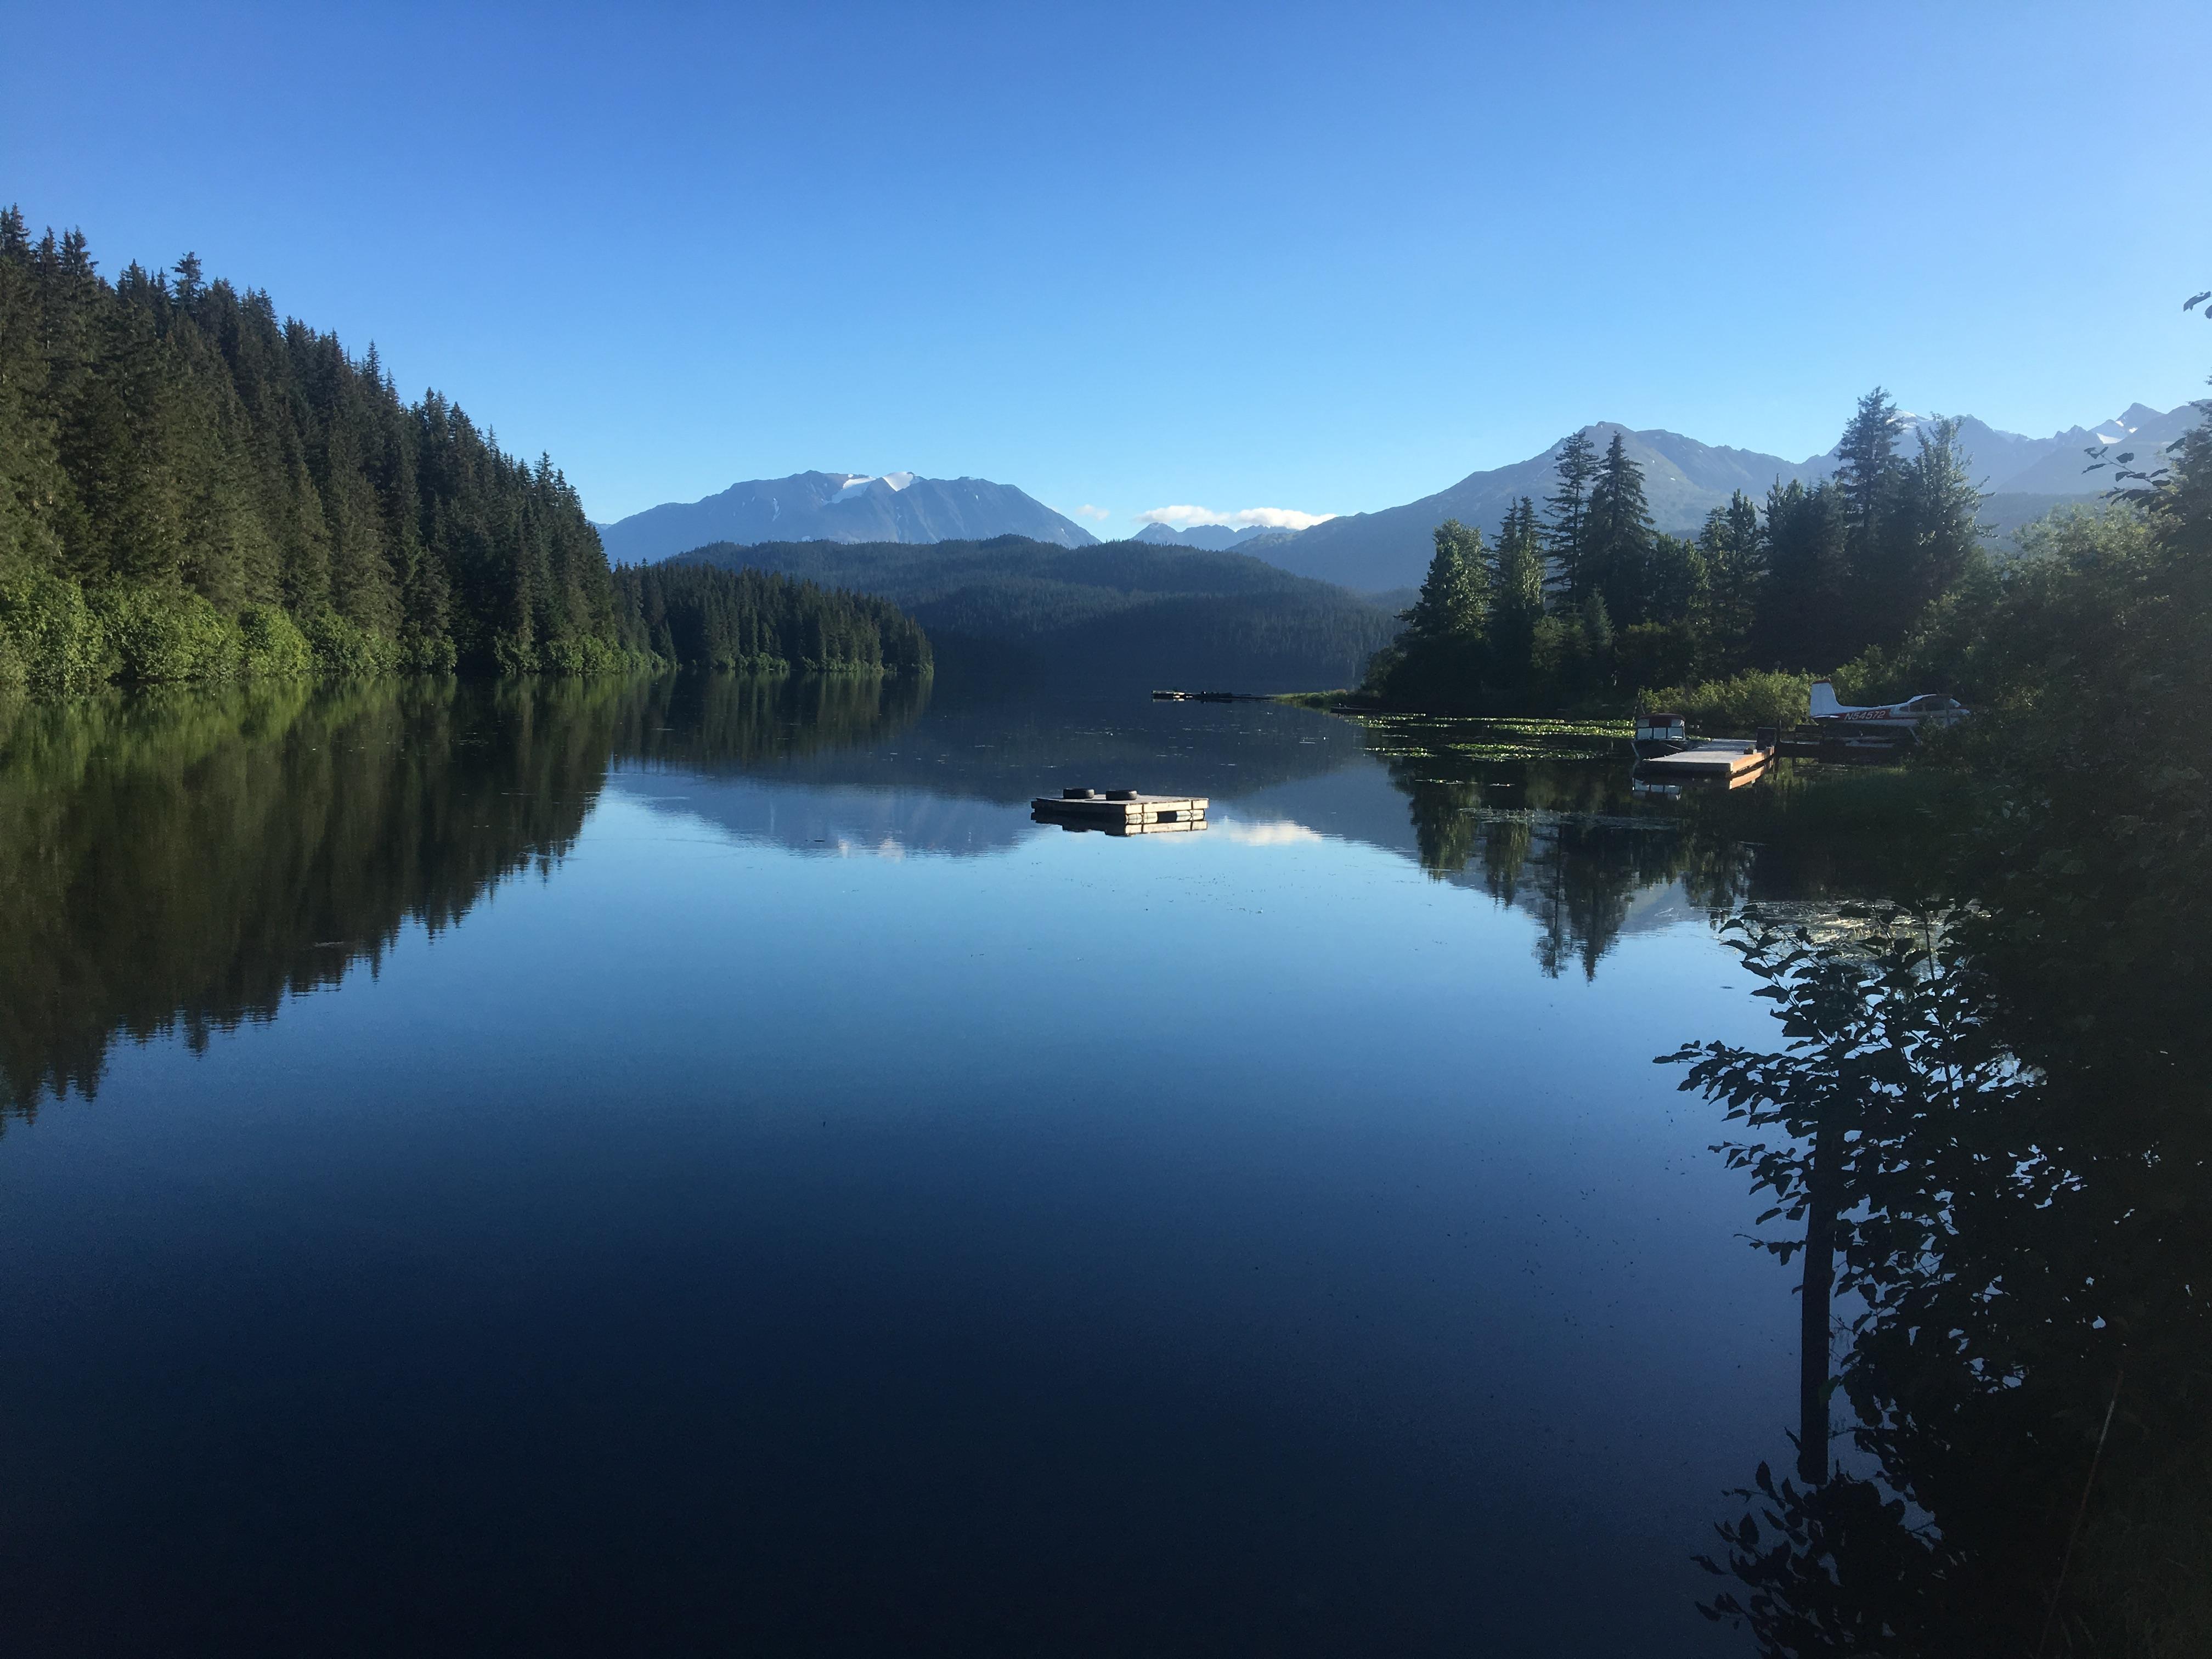 Bear Lake in Seward Alaska